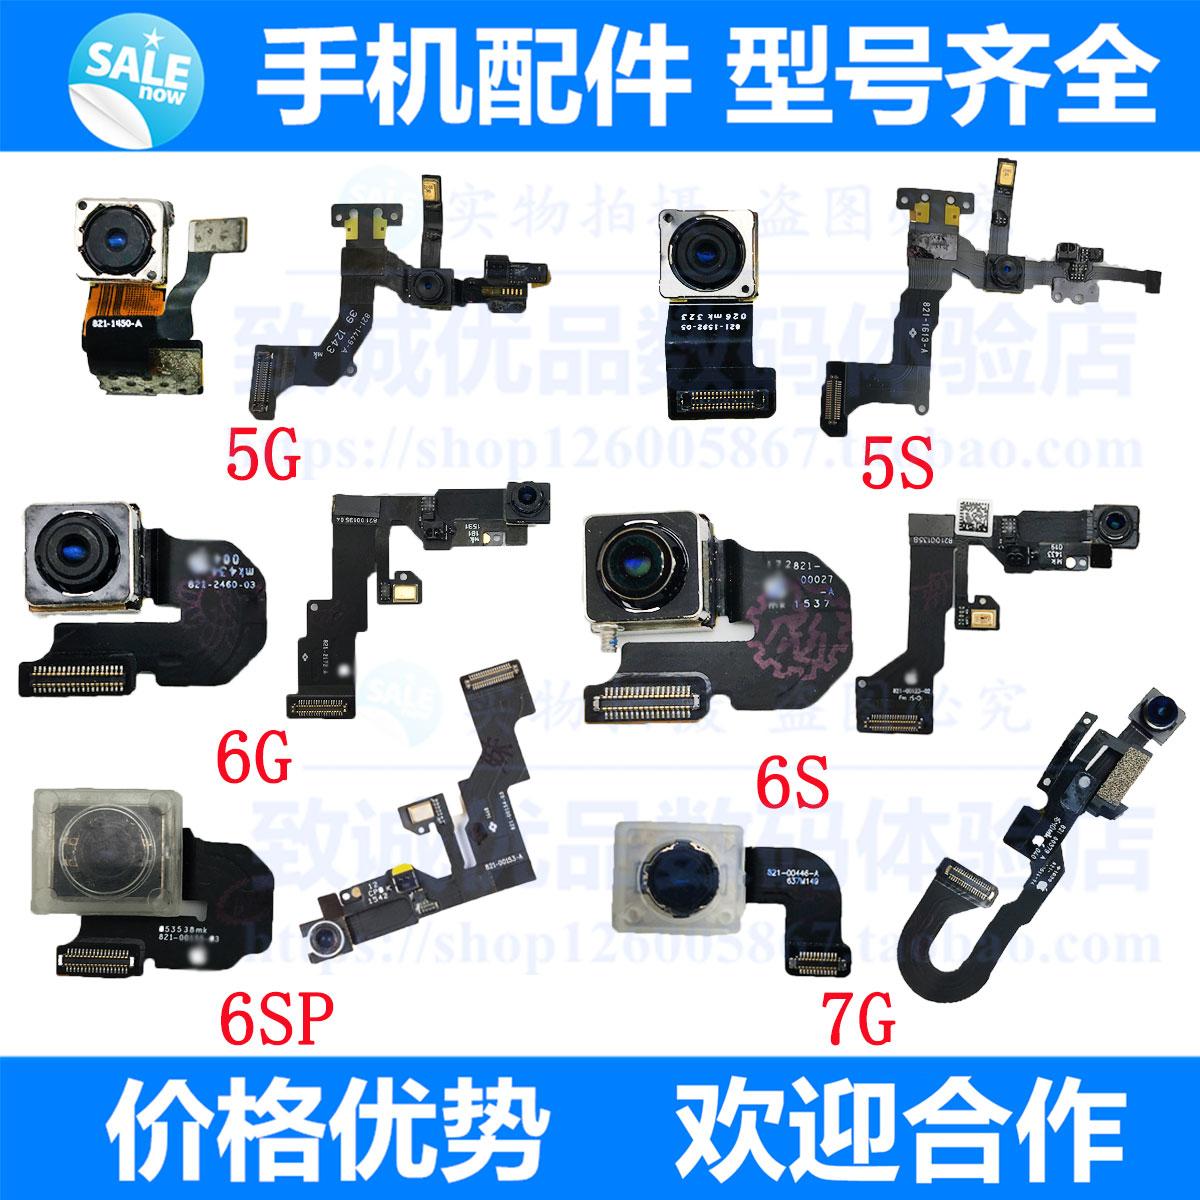 适用苹果7代 4S 5代 5S前 5C 6代6S Plus后置 摄像头听筒感应排线